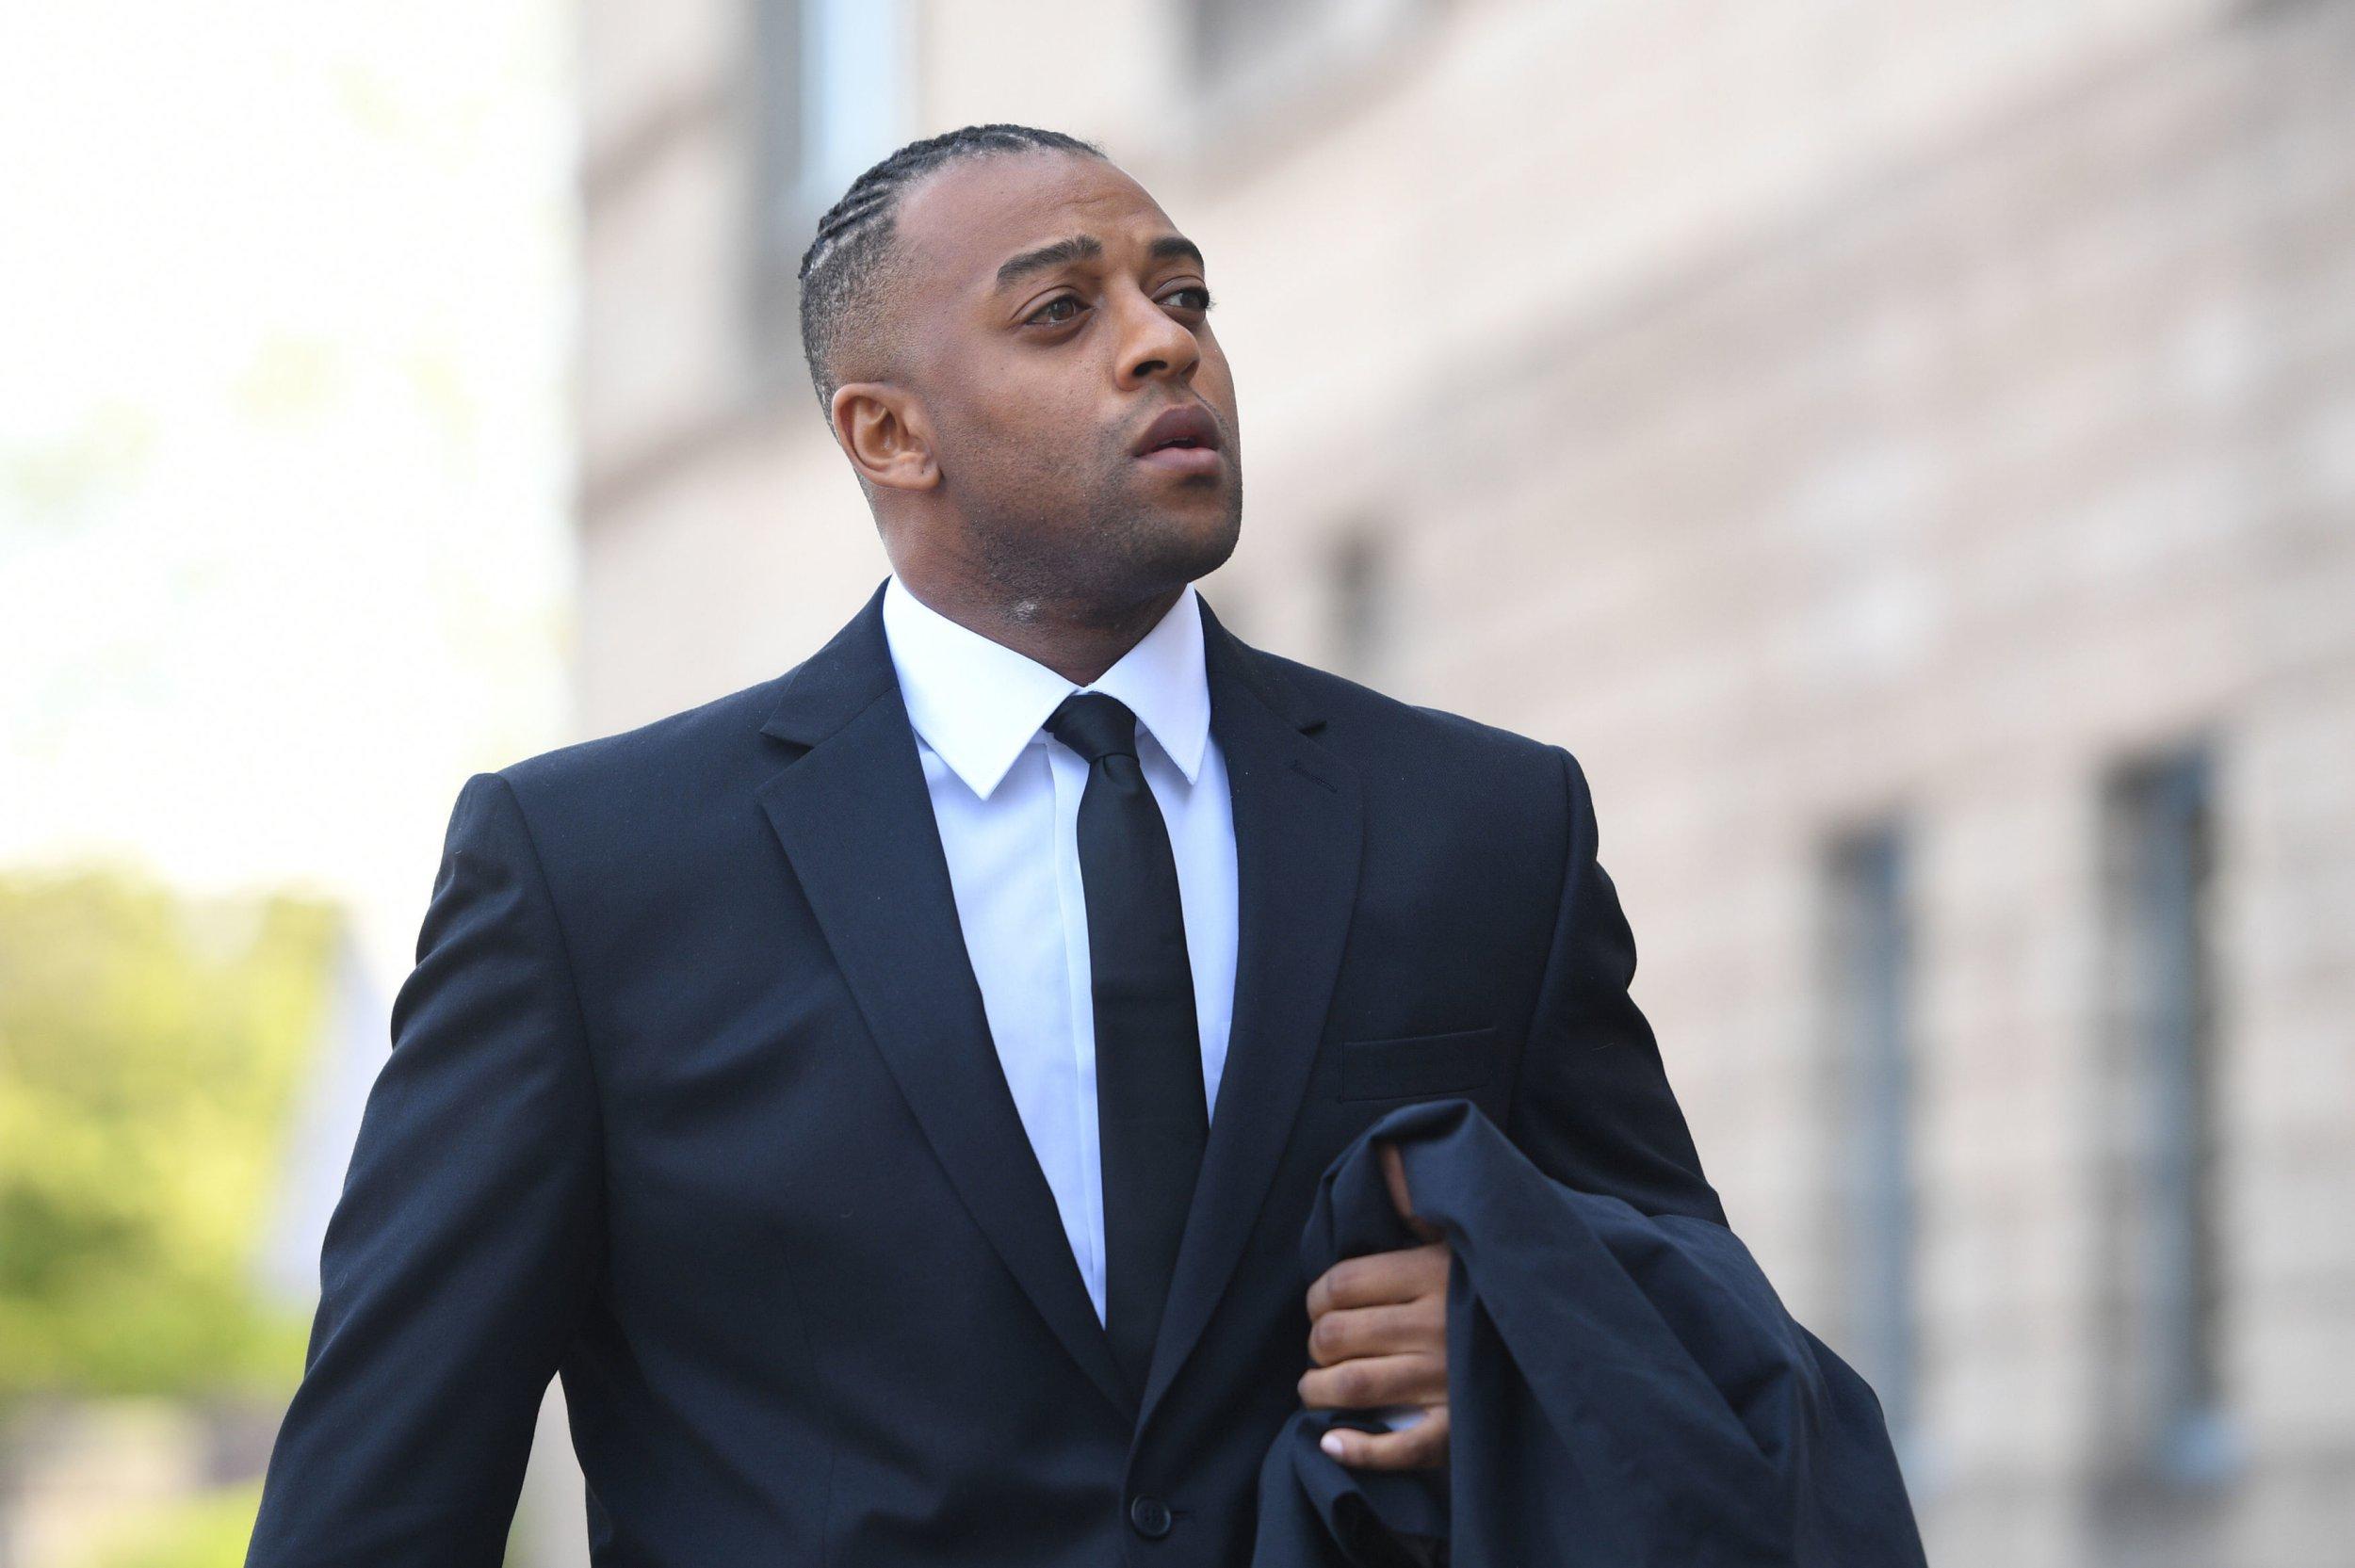 JLS star Oritse Williams arrives at Wolverhampton Crown Court ahead of rape trial